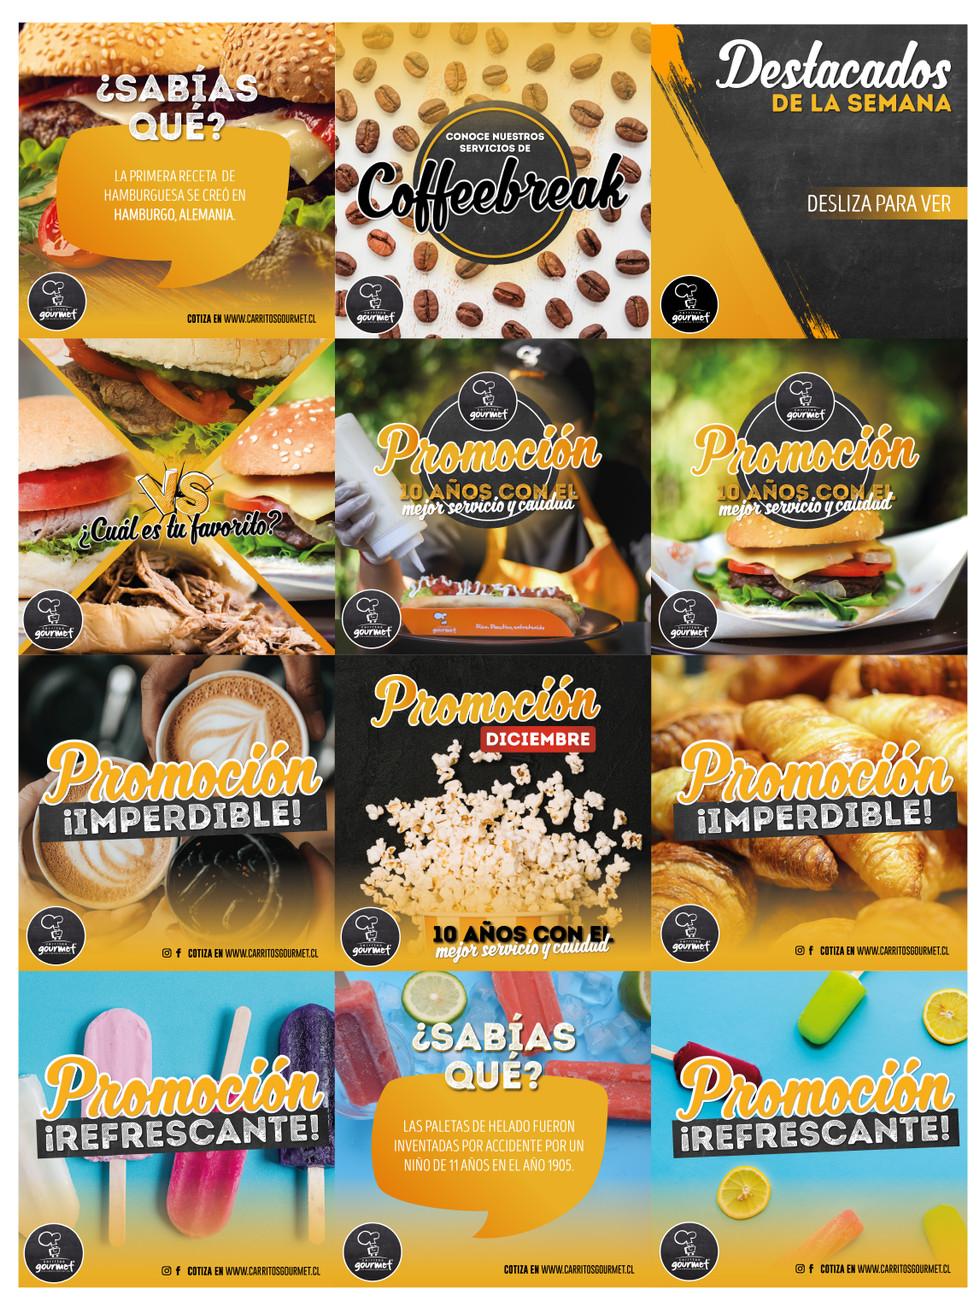 2020-05-04-Carritos-gourmet.jpg